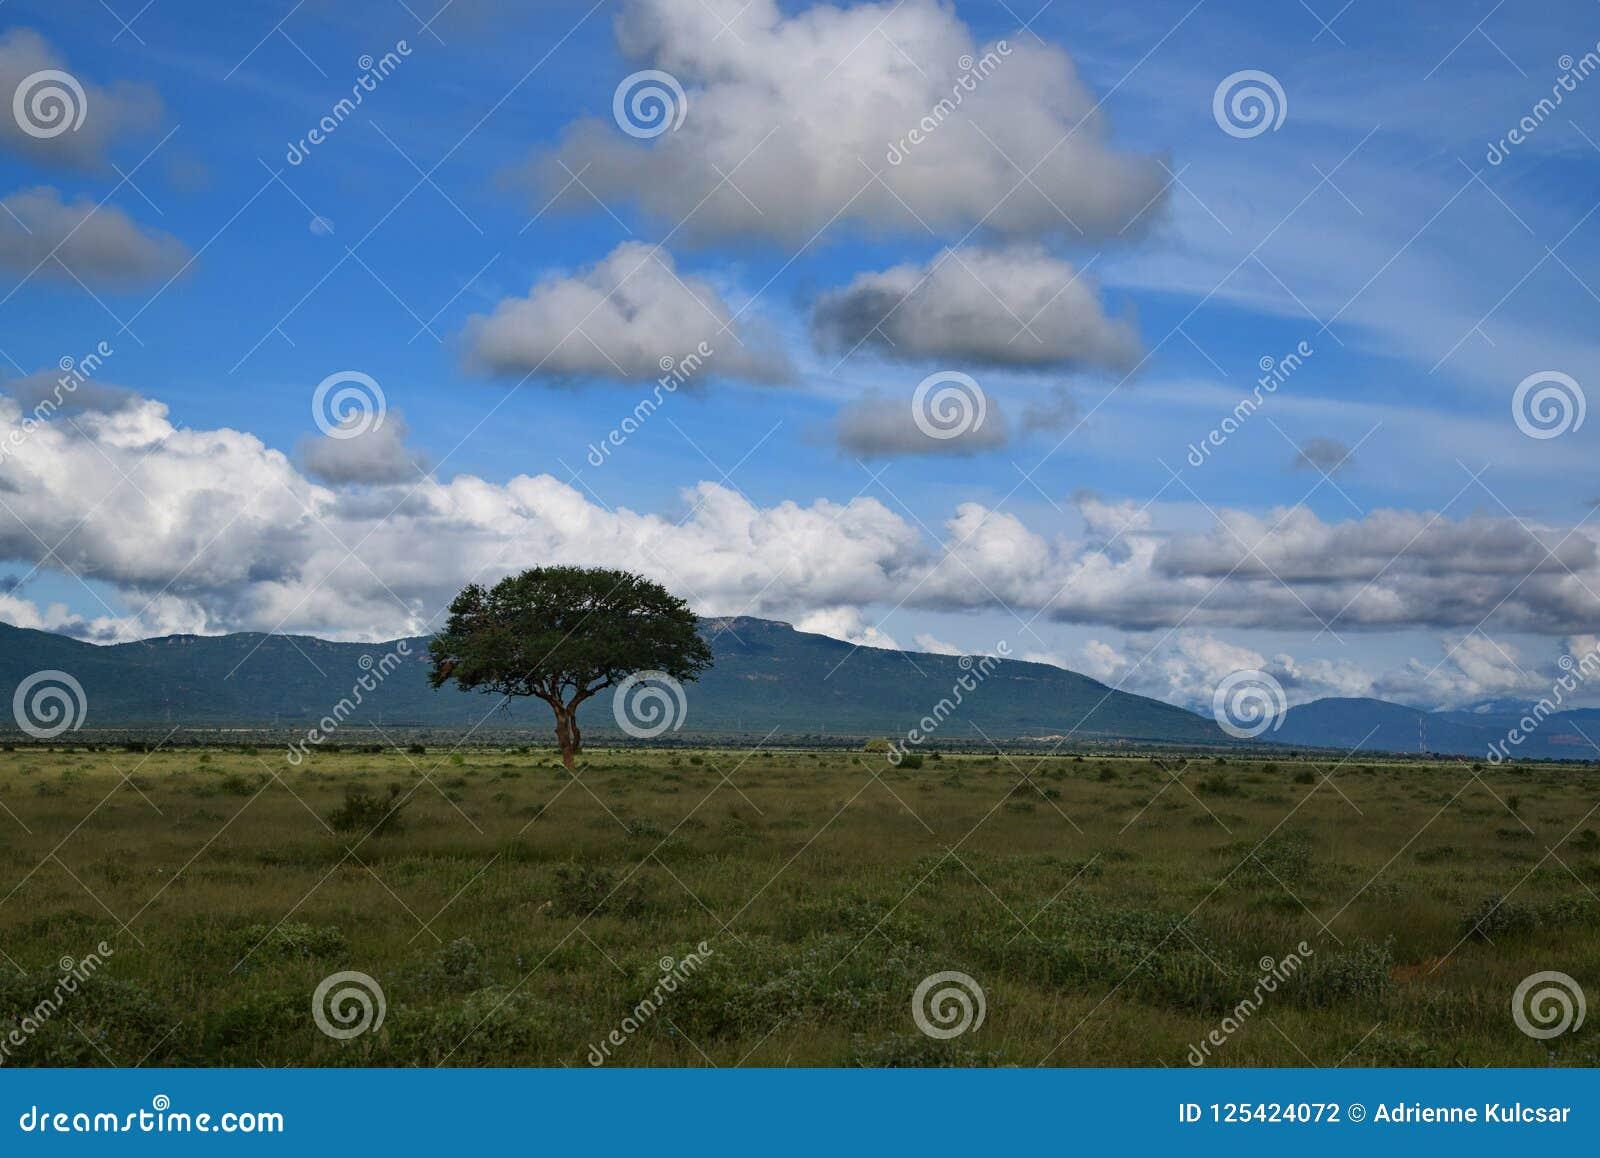 Nietknięta natura, drzewo, góra i niebieskie niebo, savannah afrykański